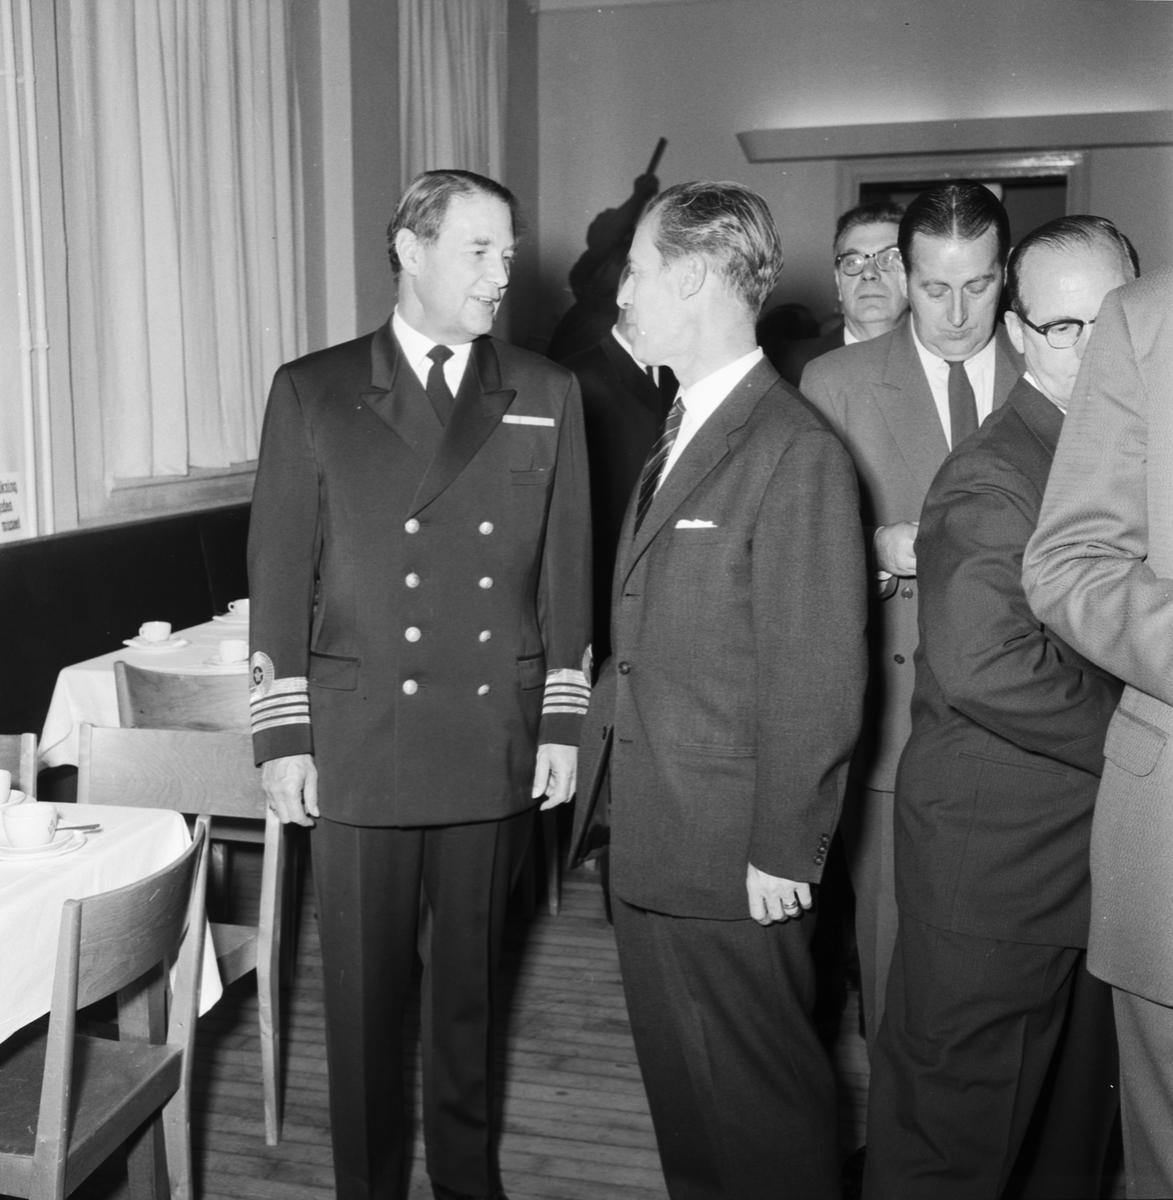 Övrigt: Foto datum: 4/10 1961 Byggnader och kranar Medaljutdelning på museet